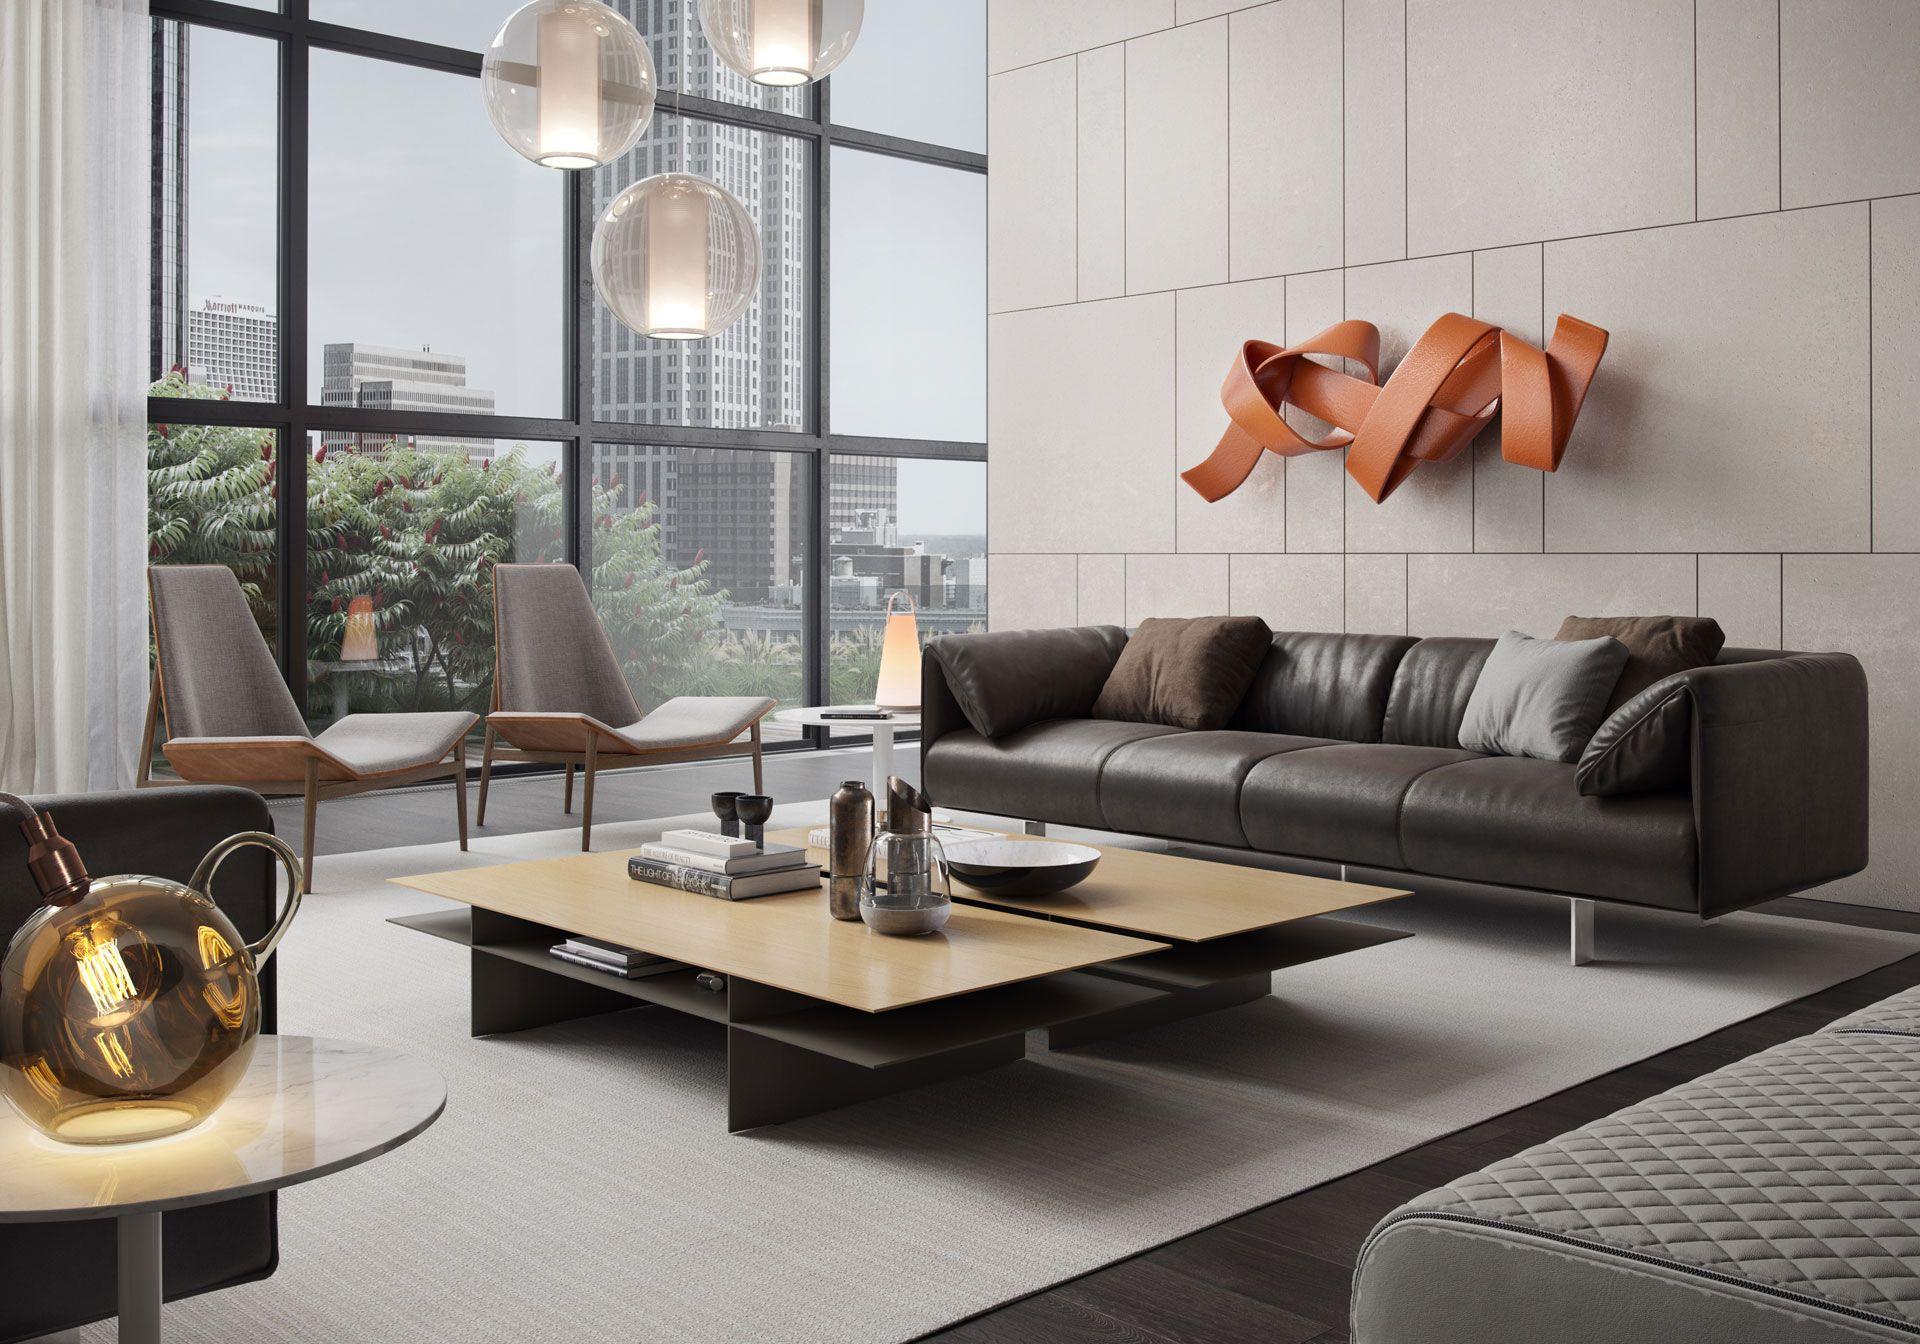 Essex Sofa Modern Living Room Furniture Sets Modern Furniture Living Room Contemporary Modern Living Room Furniture